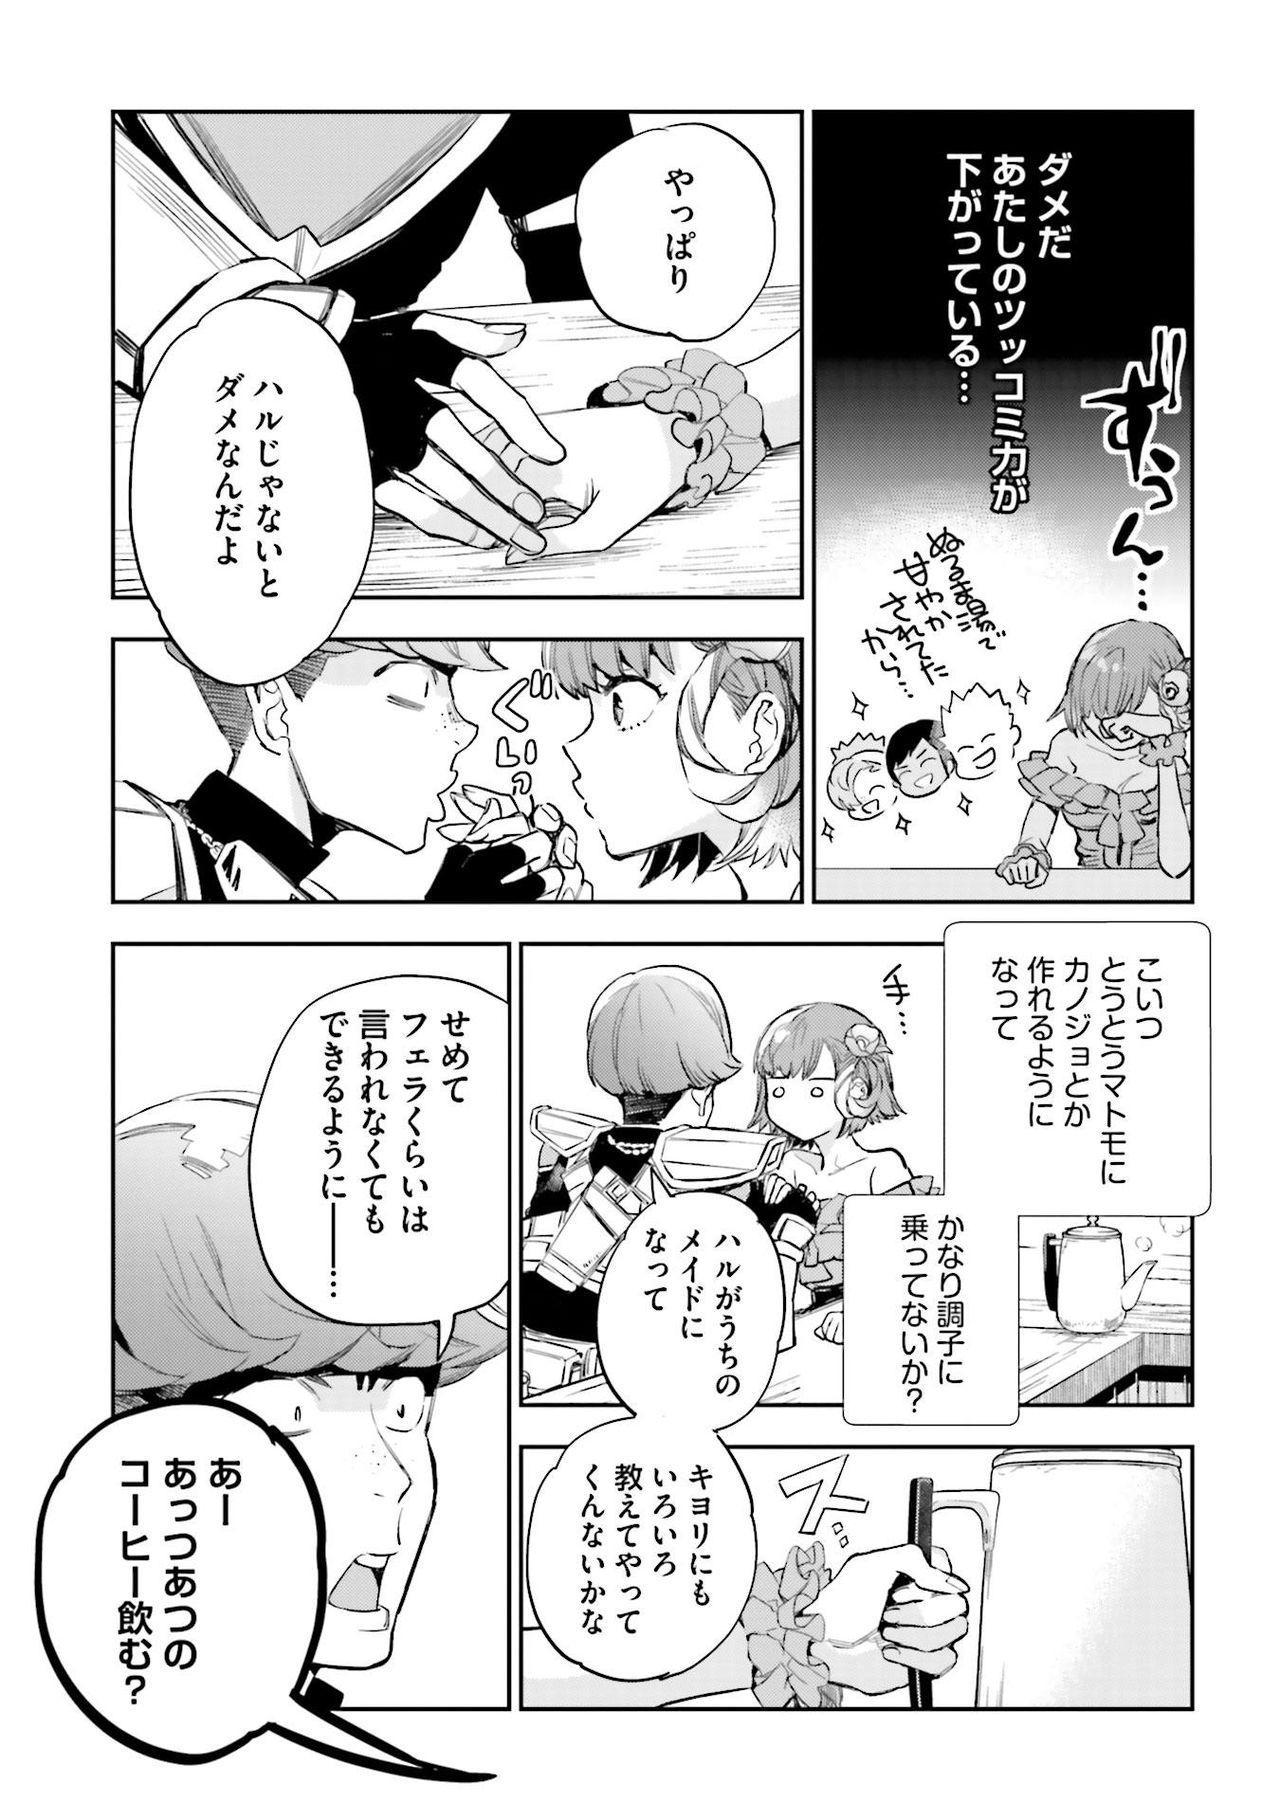 JK Haru wa Isekai de Shoufu ni Natta 1-14 442